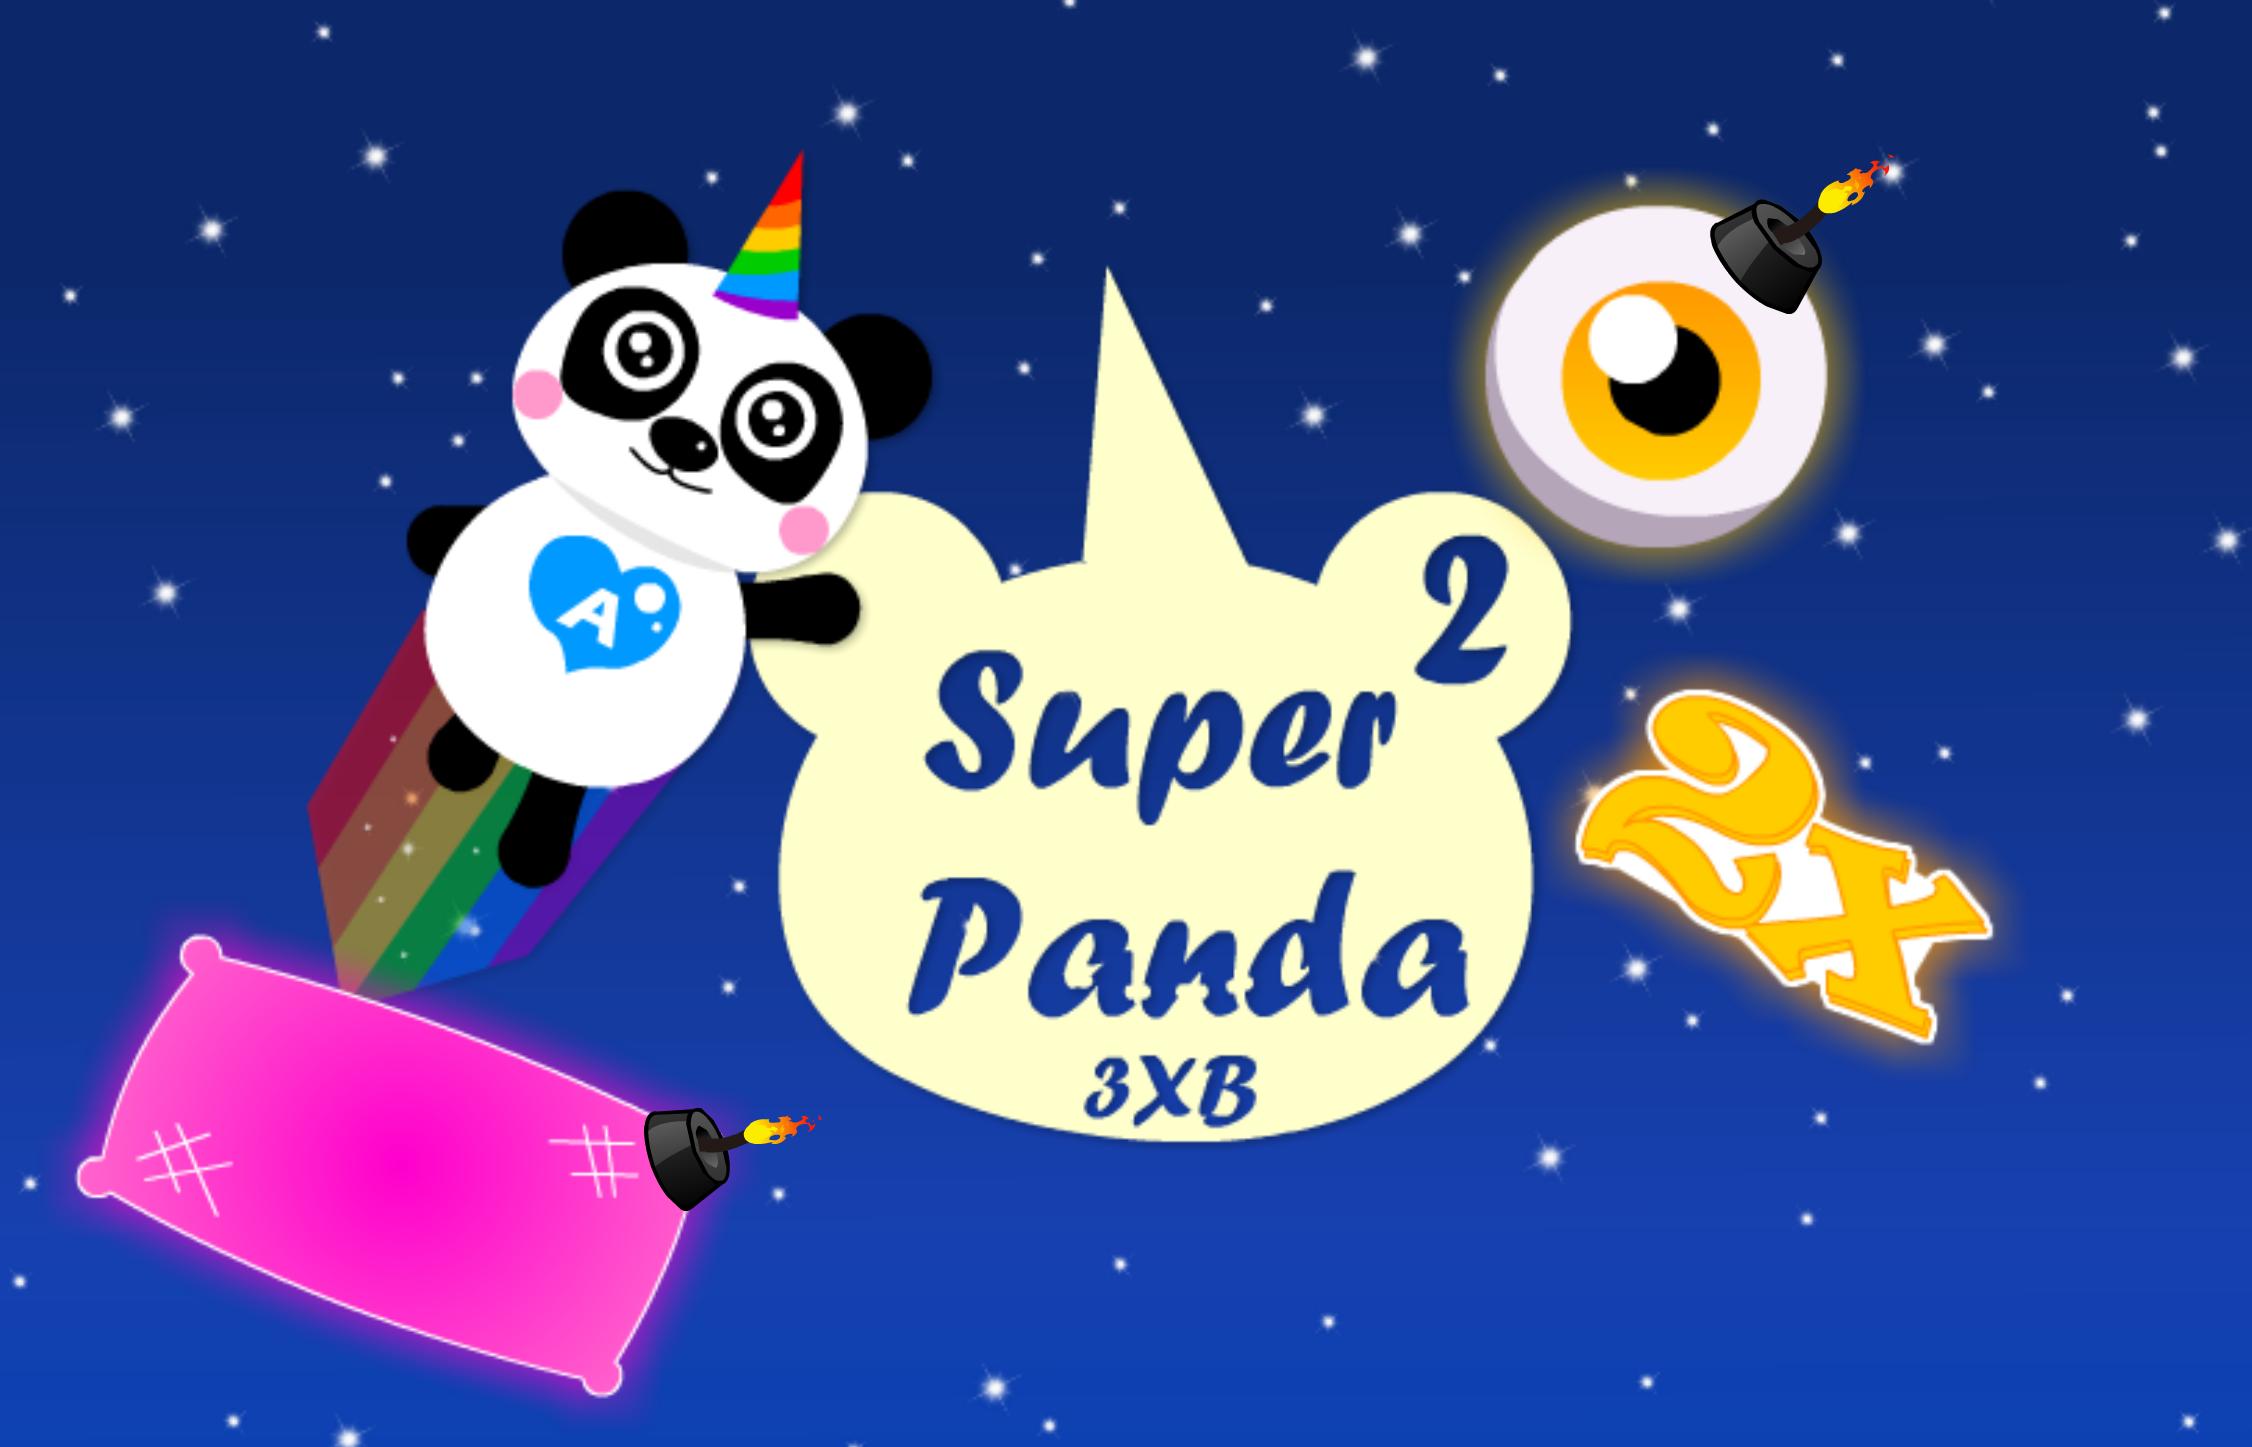 Super Panda 3xb 2